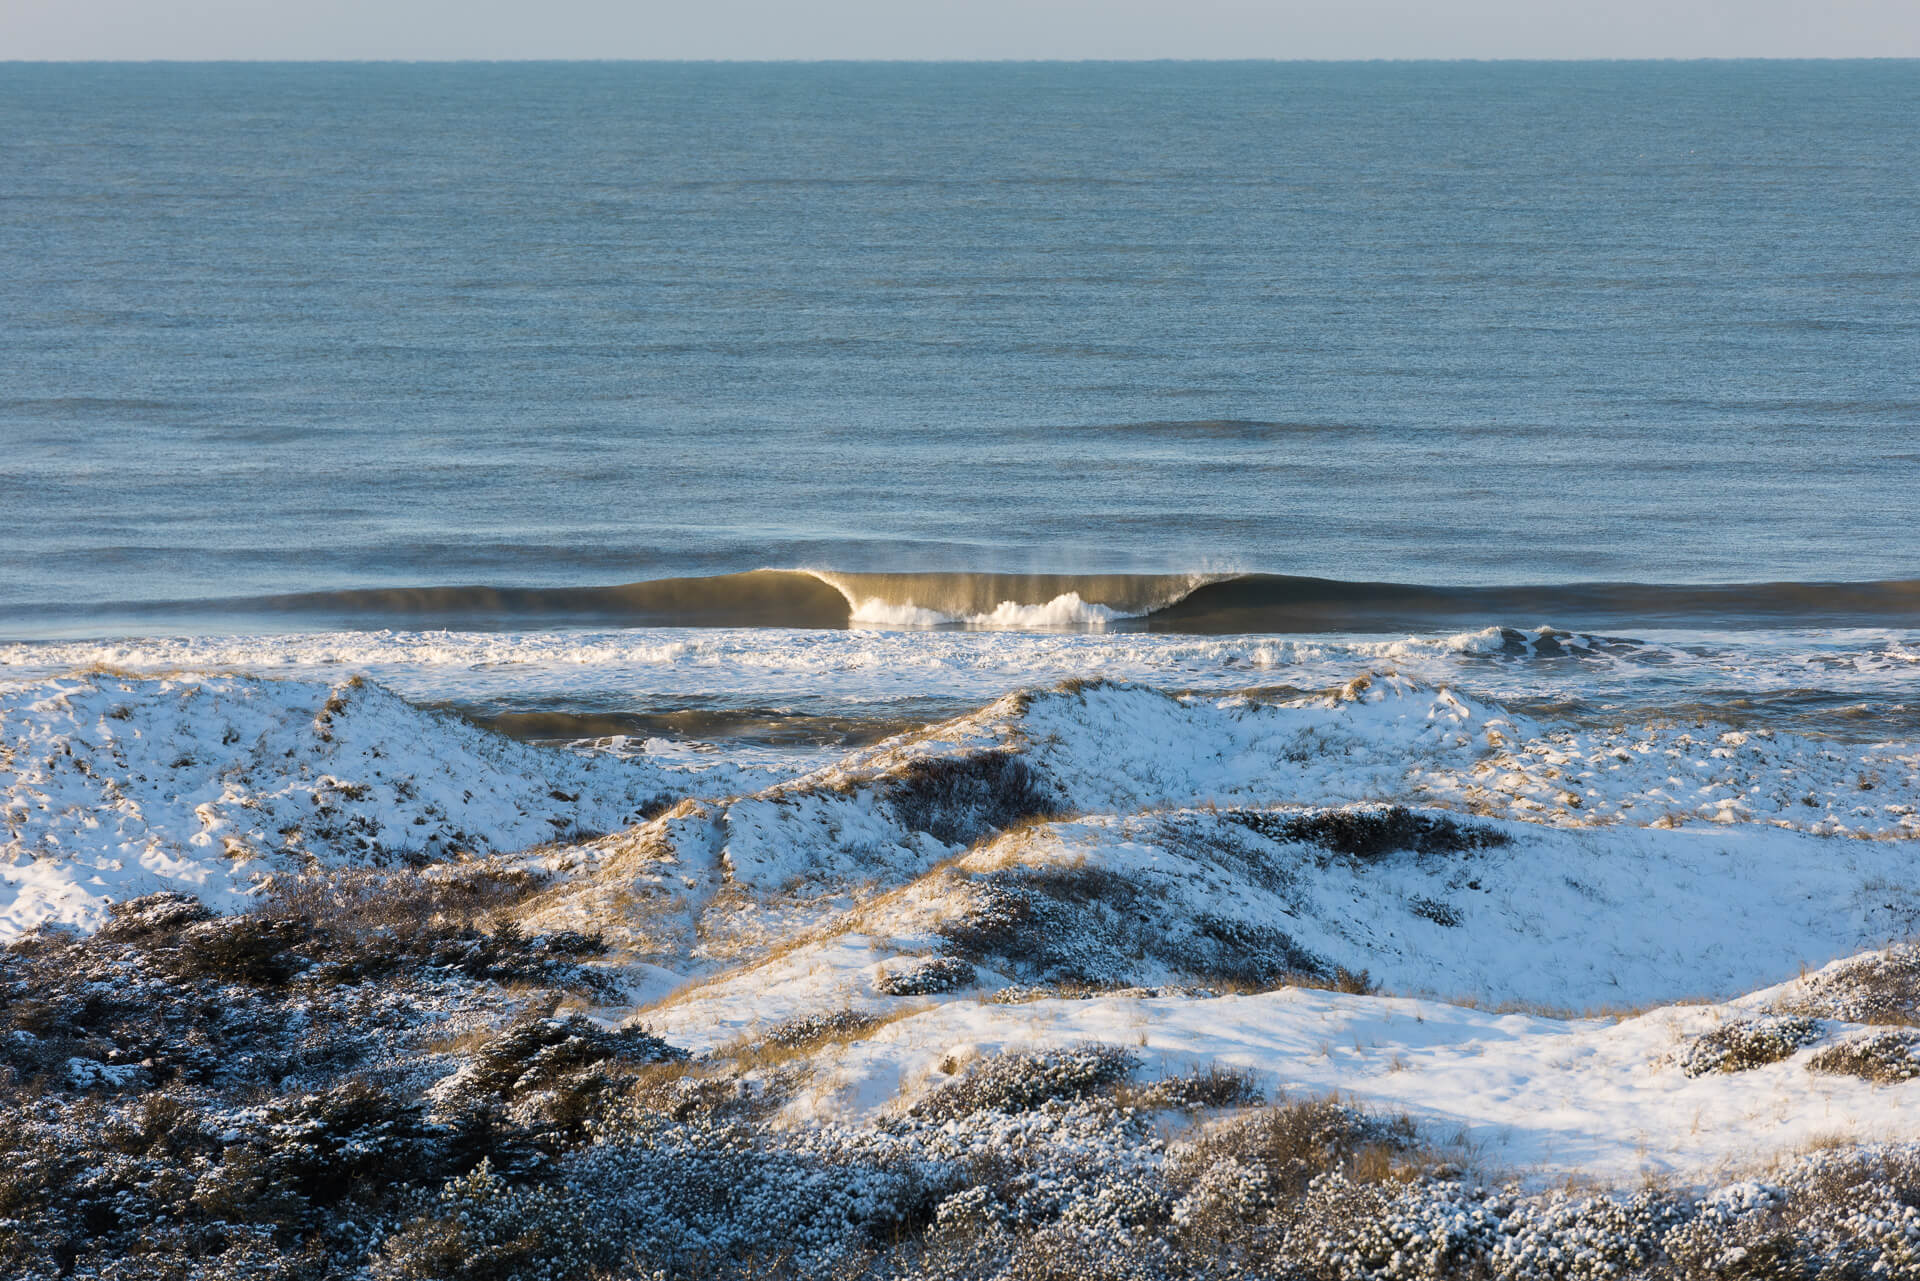 Foto von der Fotostory Redeleit und Junker zeigt eine brechende Welle und Dünenlandschaft